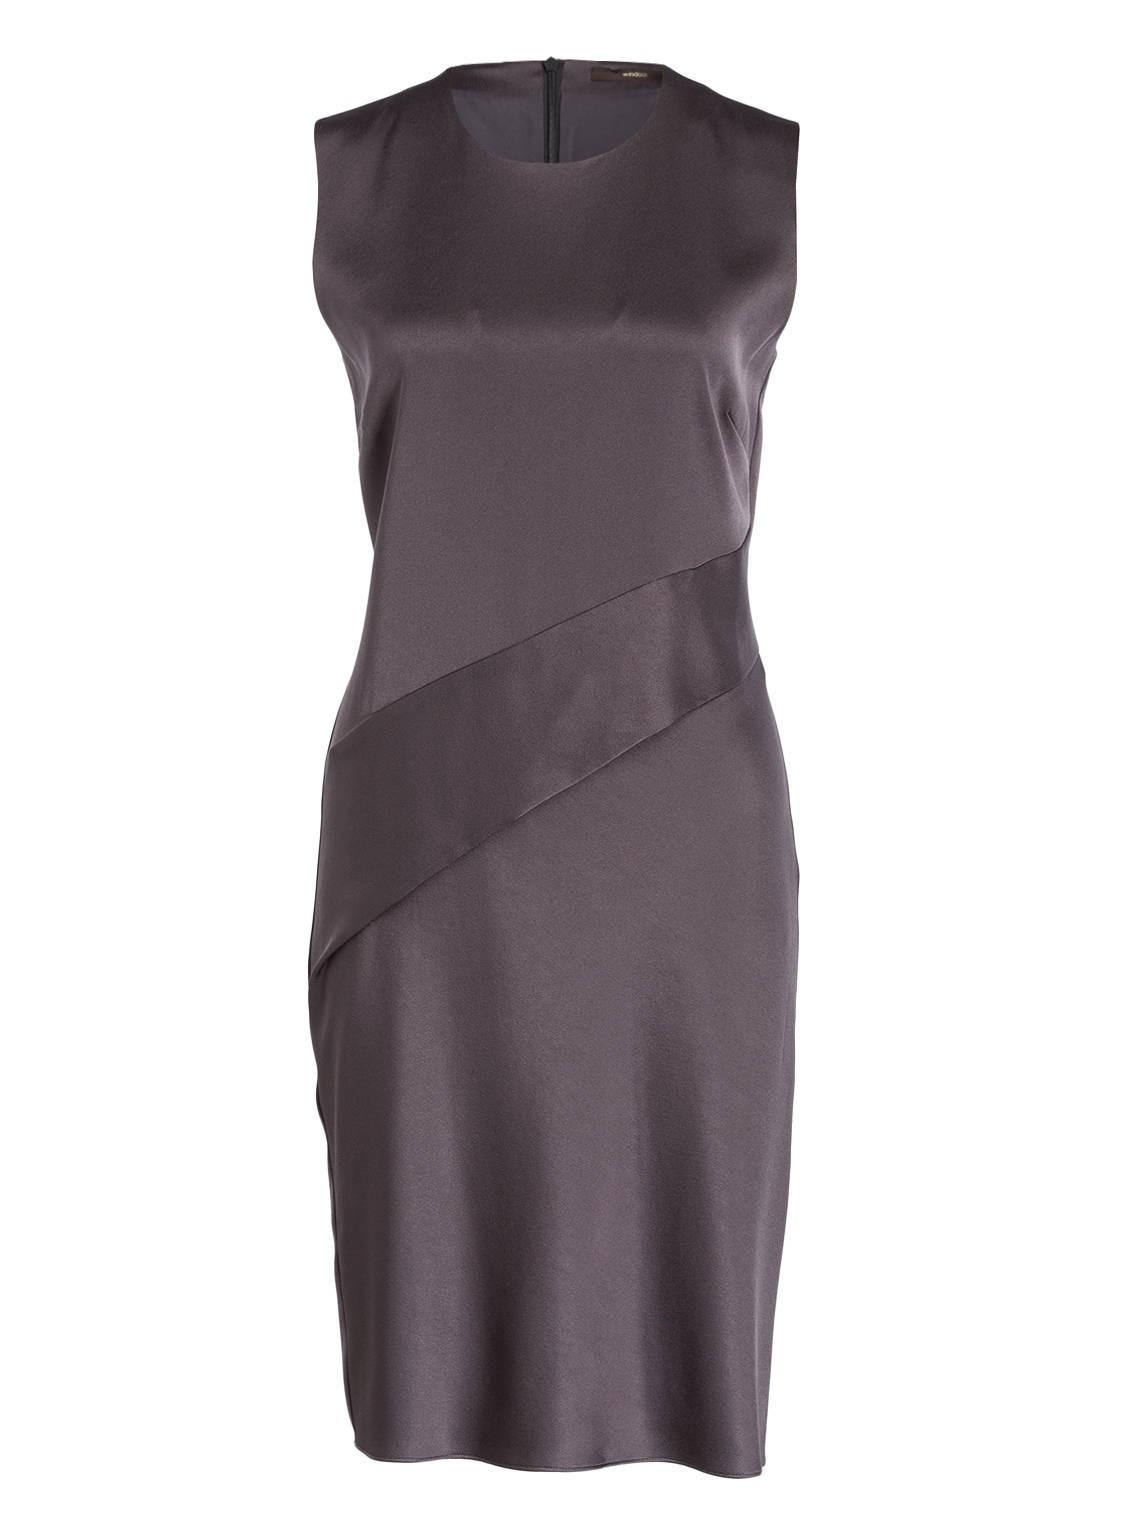 13 Cool Damen Kleider Knielang Elegant Spezialgebiet15 Leicht Damen Kleider Knielang Elegant Vertrieb